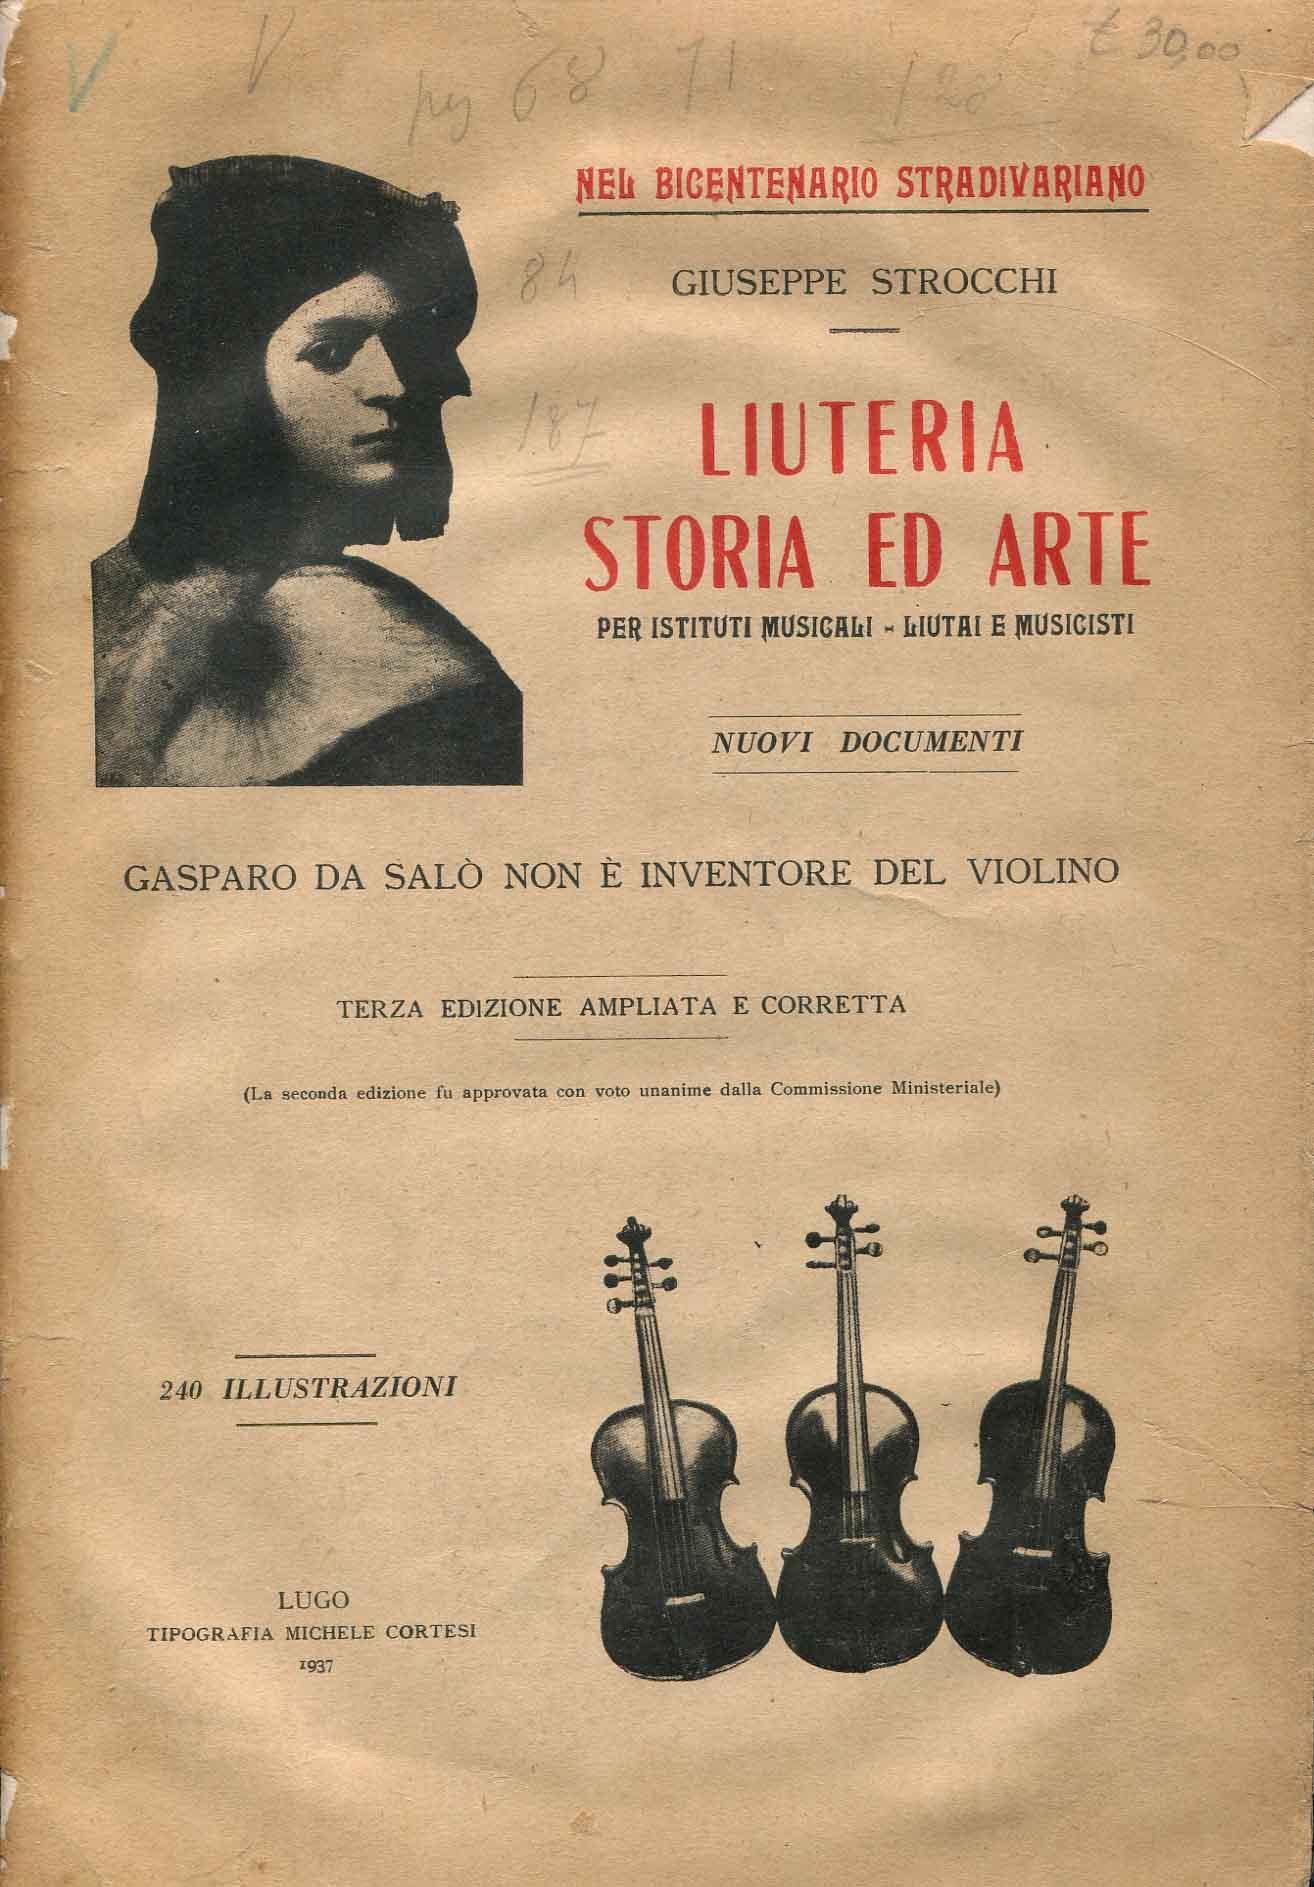 Liuteria: storia ed arte : per istituti musicali, liutai e musicisti : nuovi documenti : Gasparo da Salò non è inventore del violino